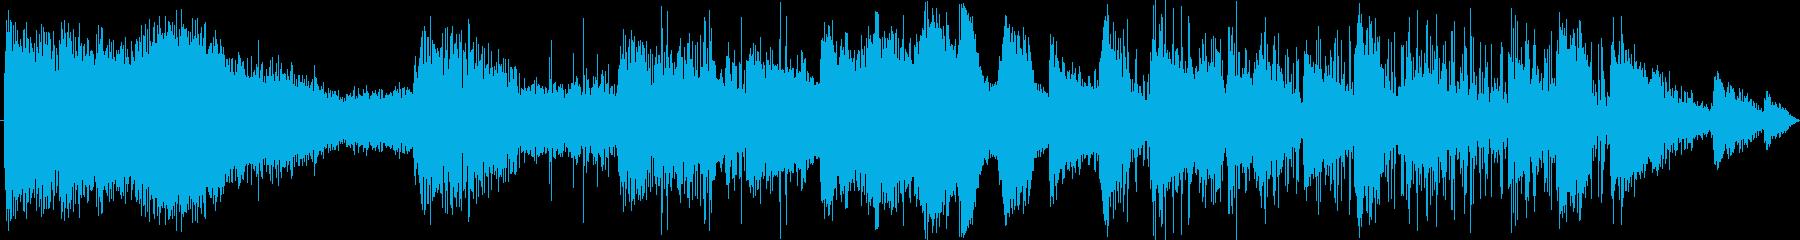 ラジオ制作シーン:オールドウェスト...の再生済みの波形